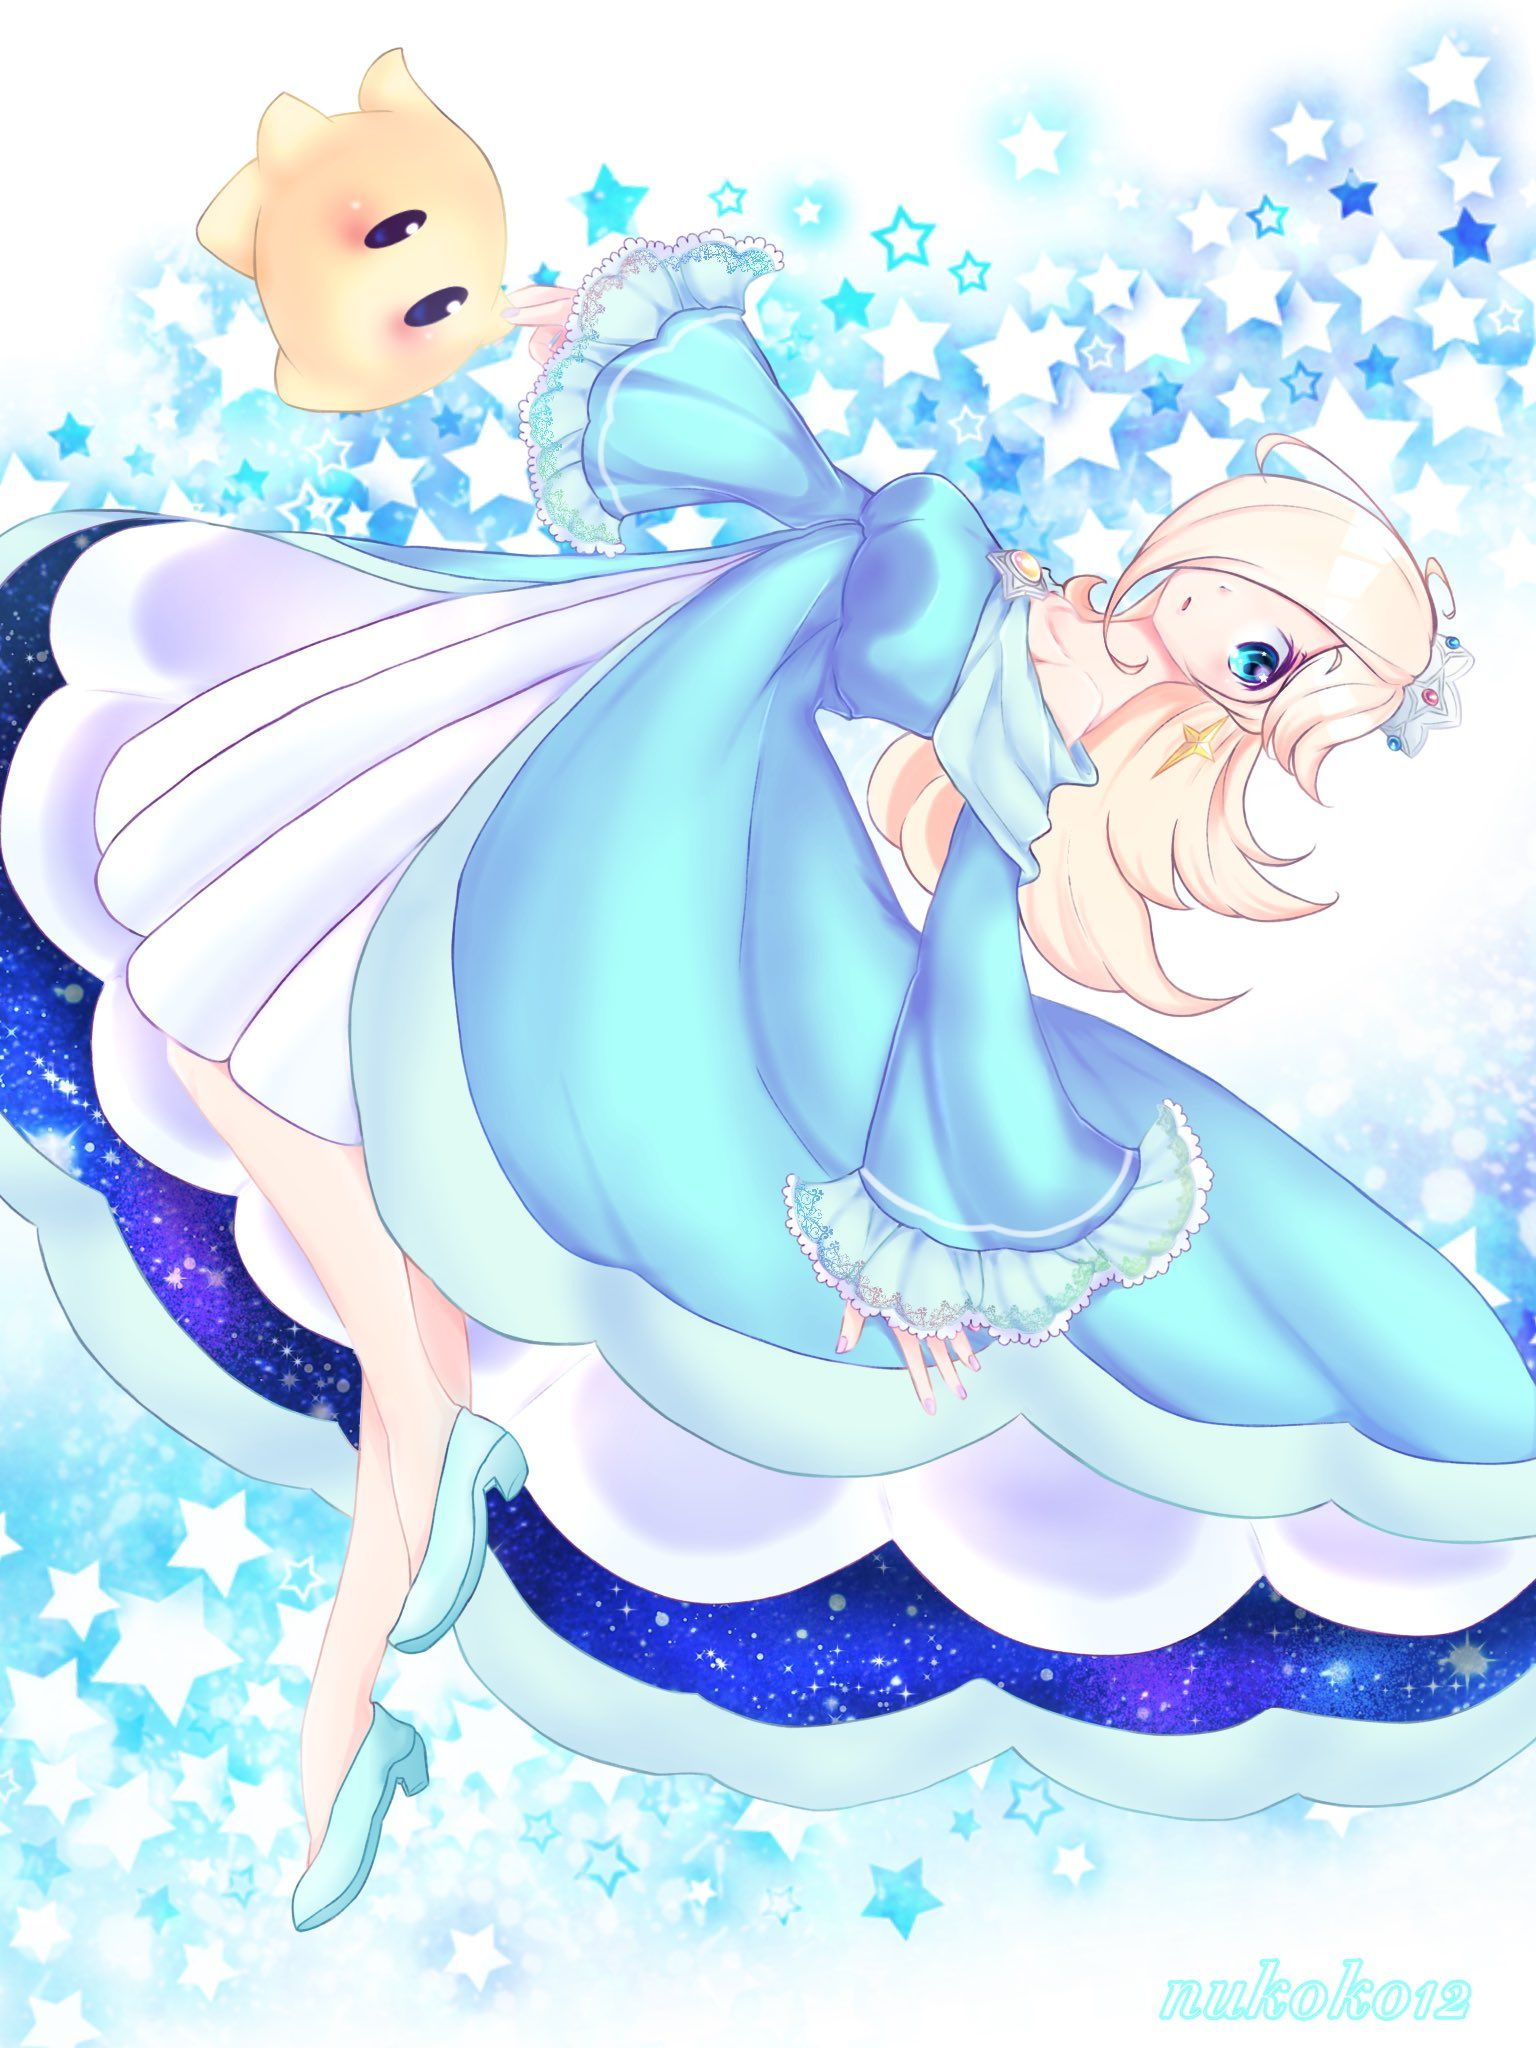 ロゼッタ (ゲームキャラクター)の画像 p1_32